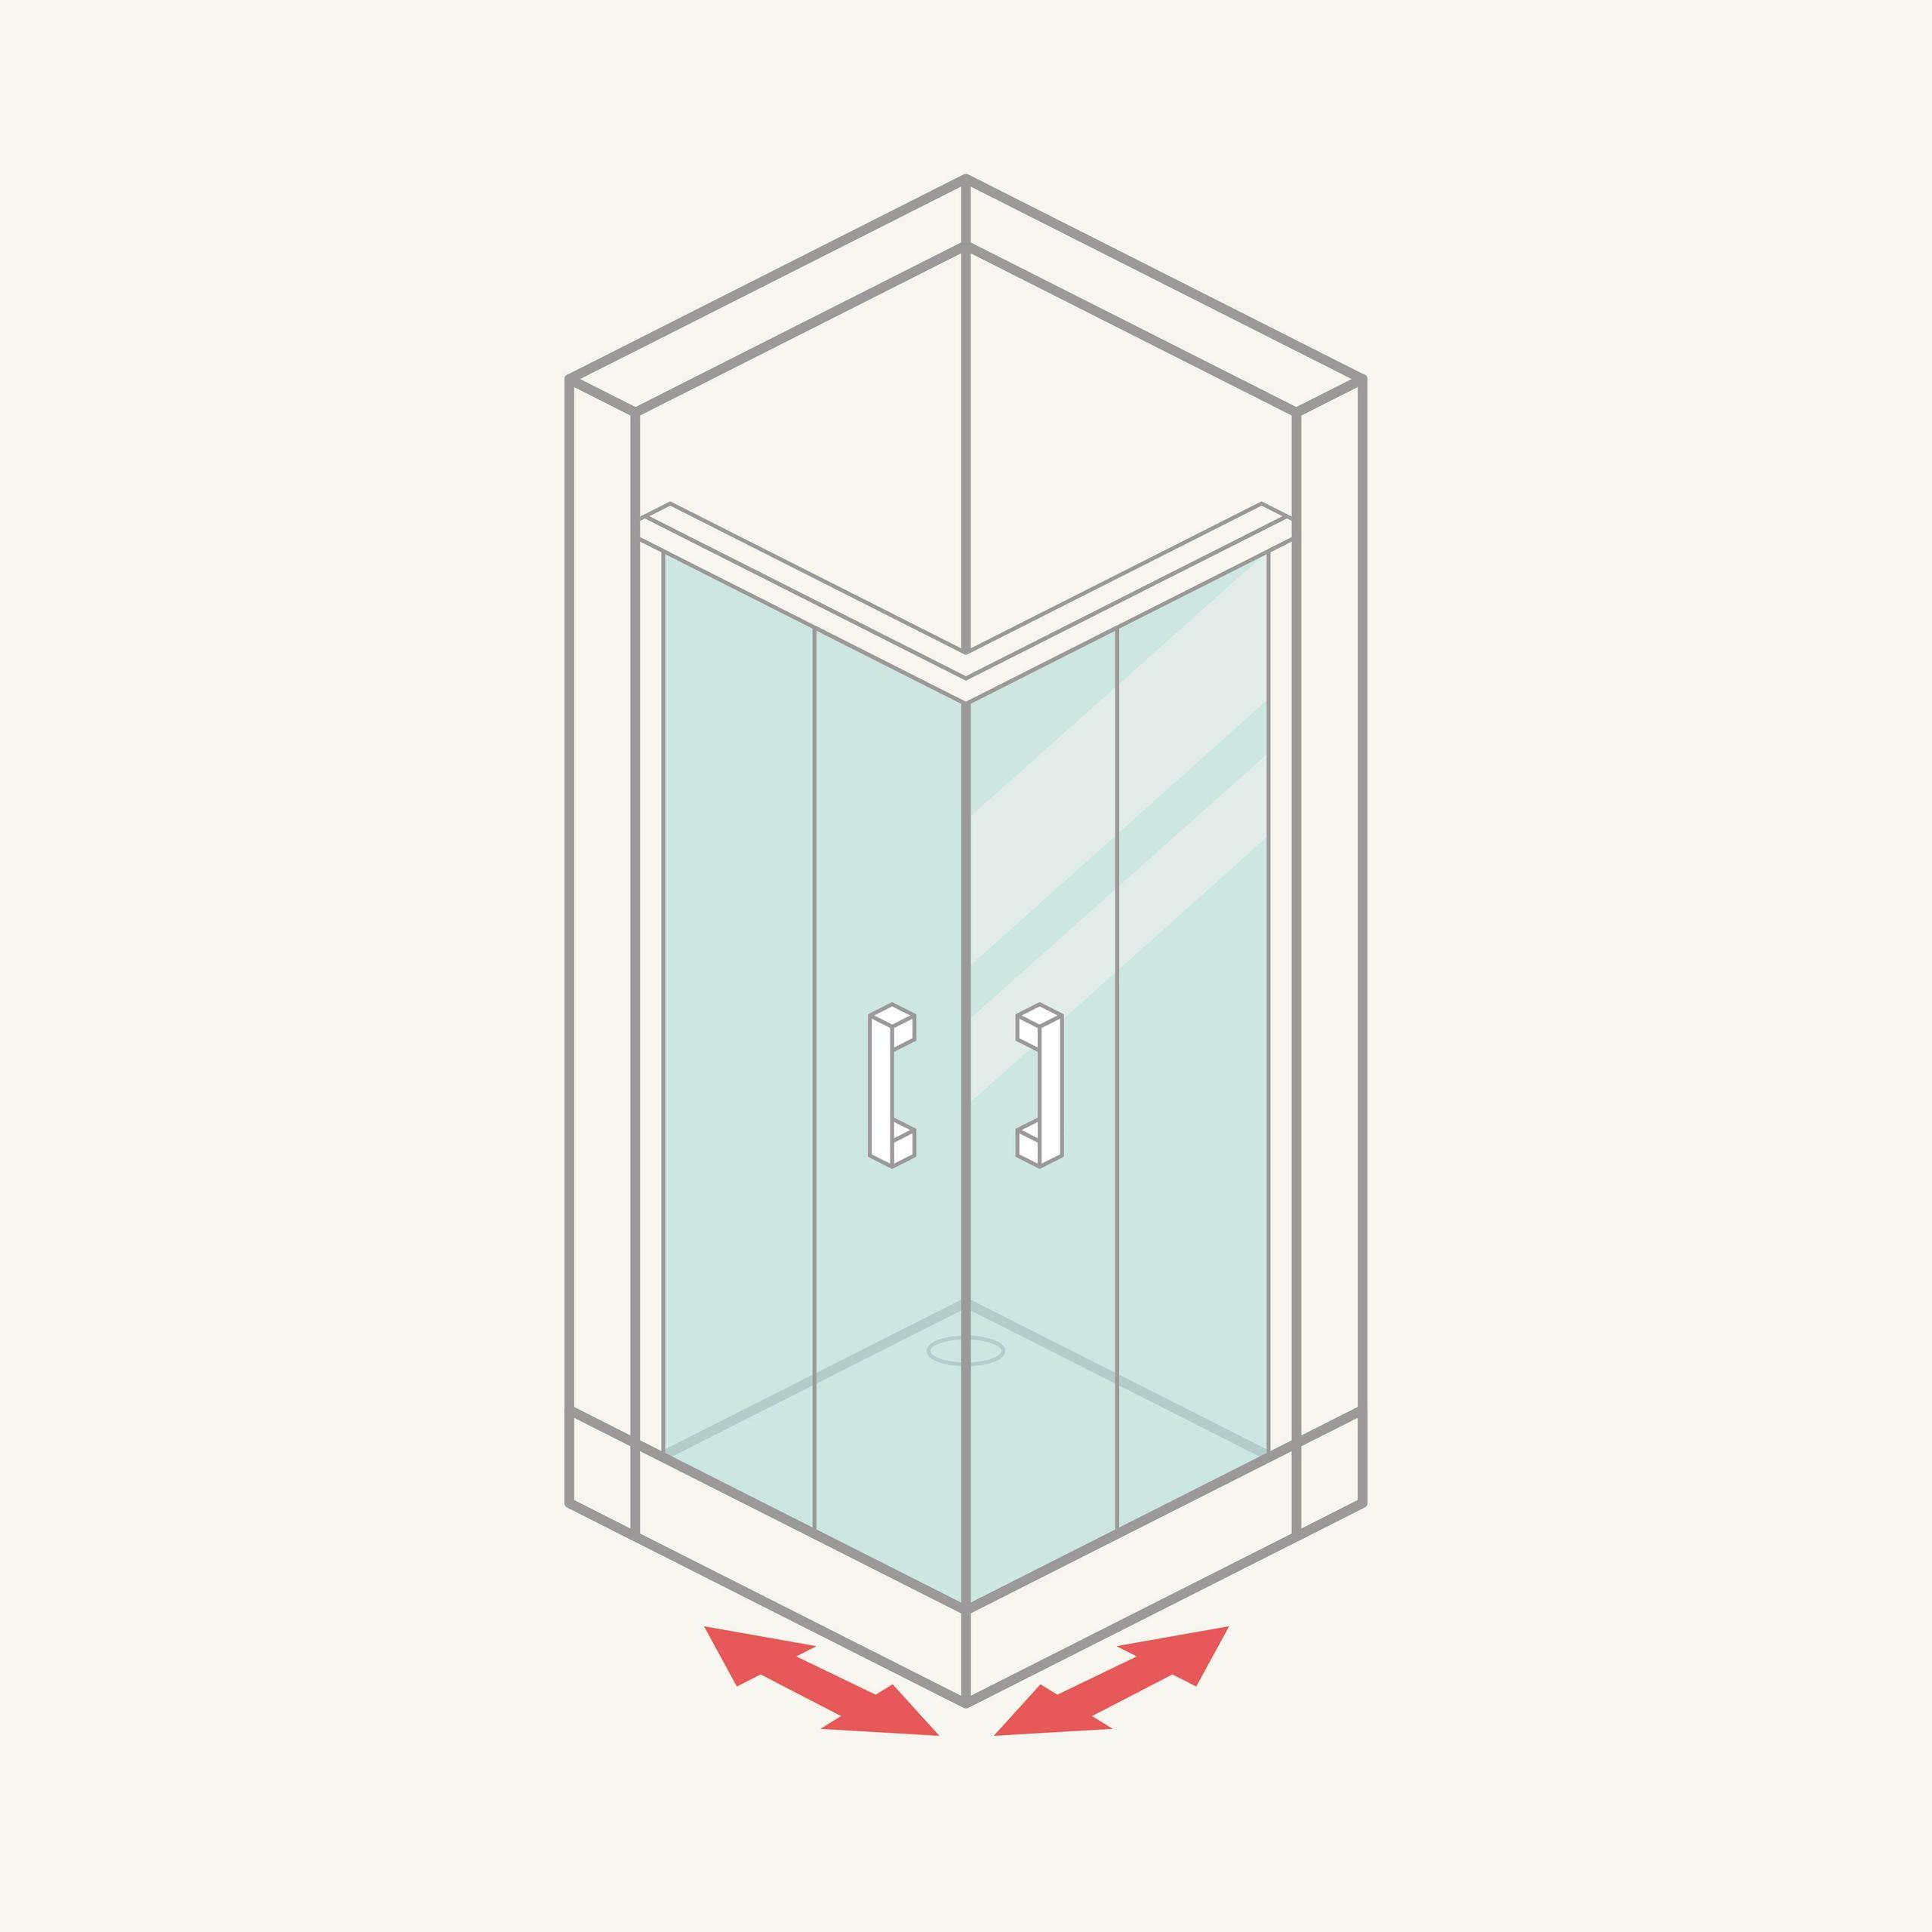 Mampara de ducha angular (2 fijas + 2 correderas)